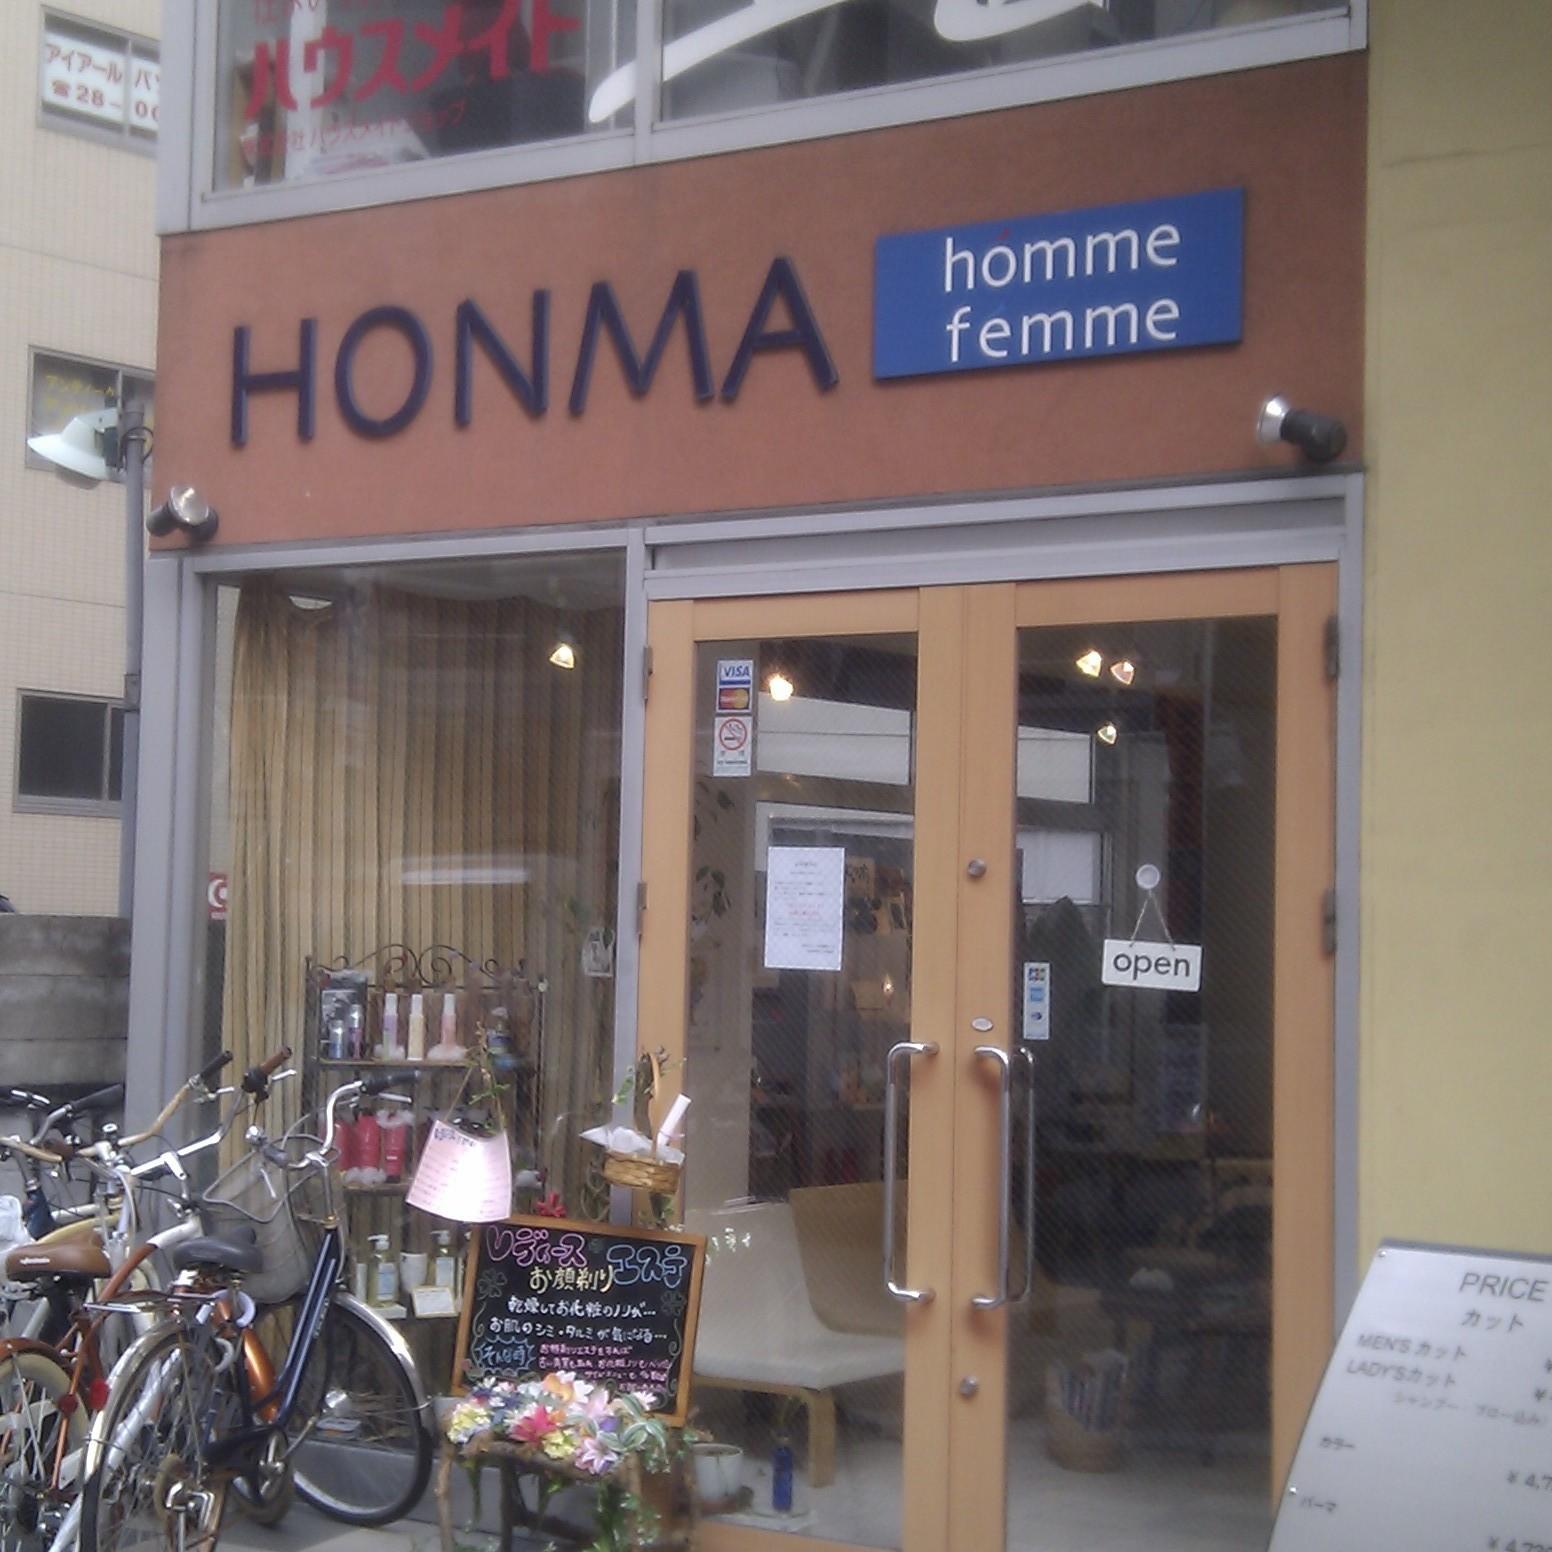 HONMA homme femme